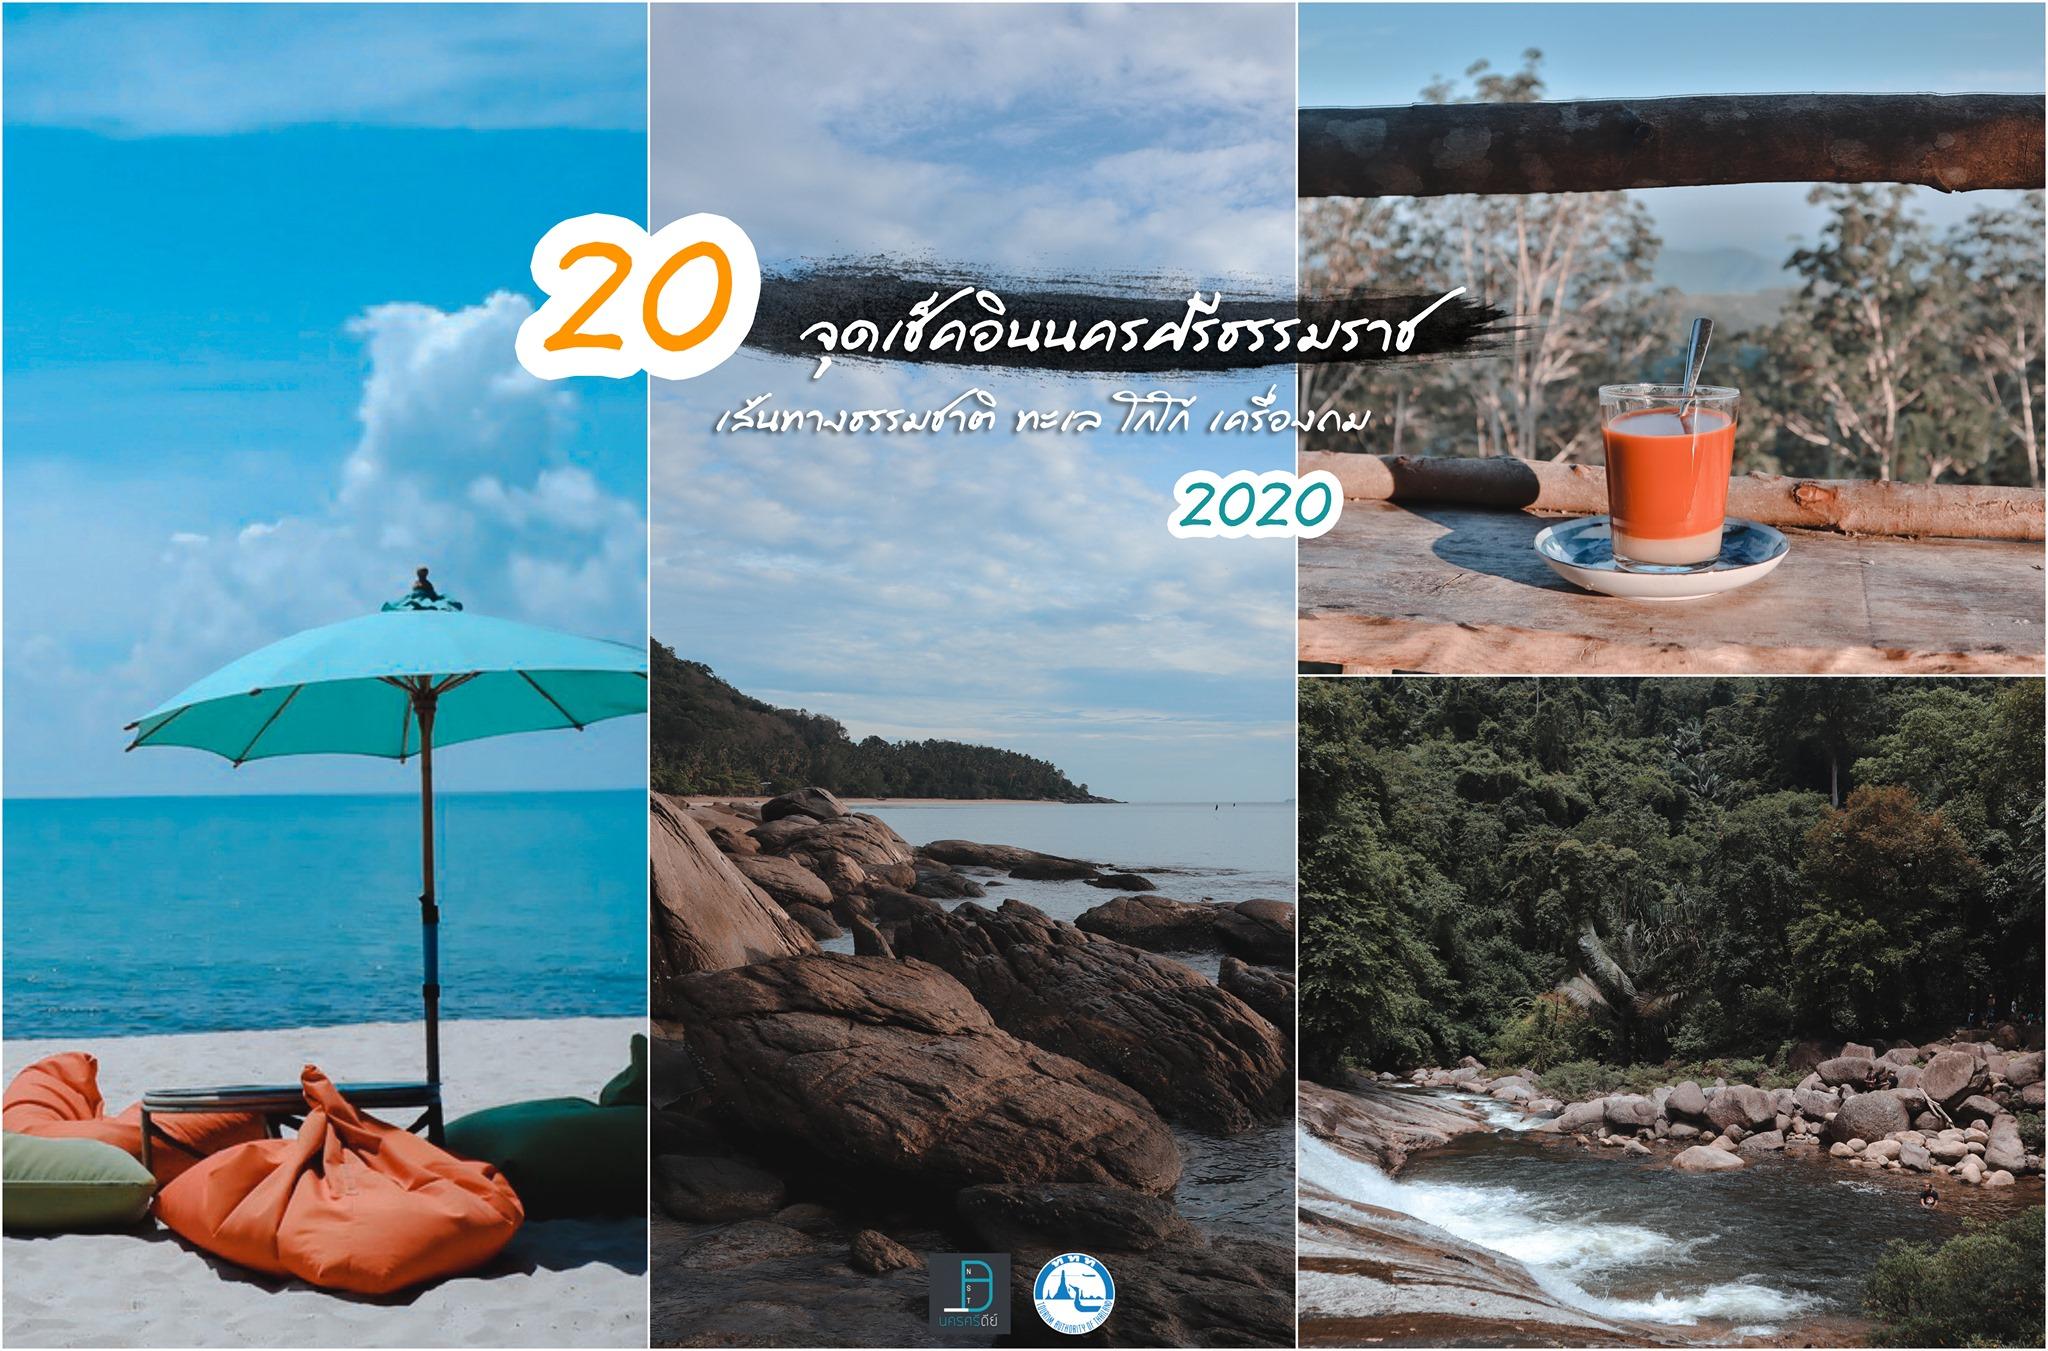 20 สถานที่ท่องเที่ยวนครศรี 2564 ธ เส้นทางโกโก้ เครื่องถม รรมชาติ ทะเล